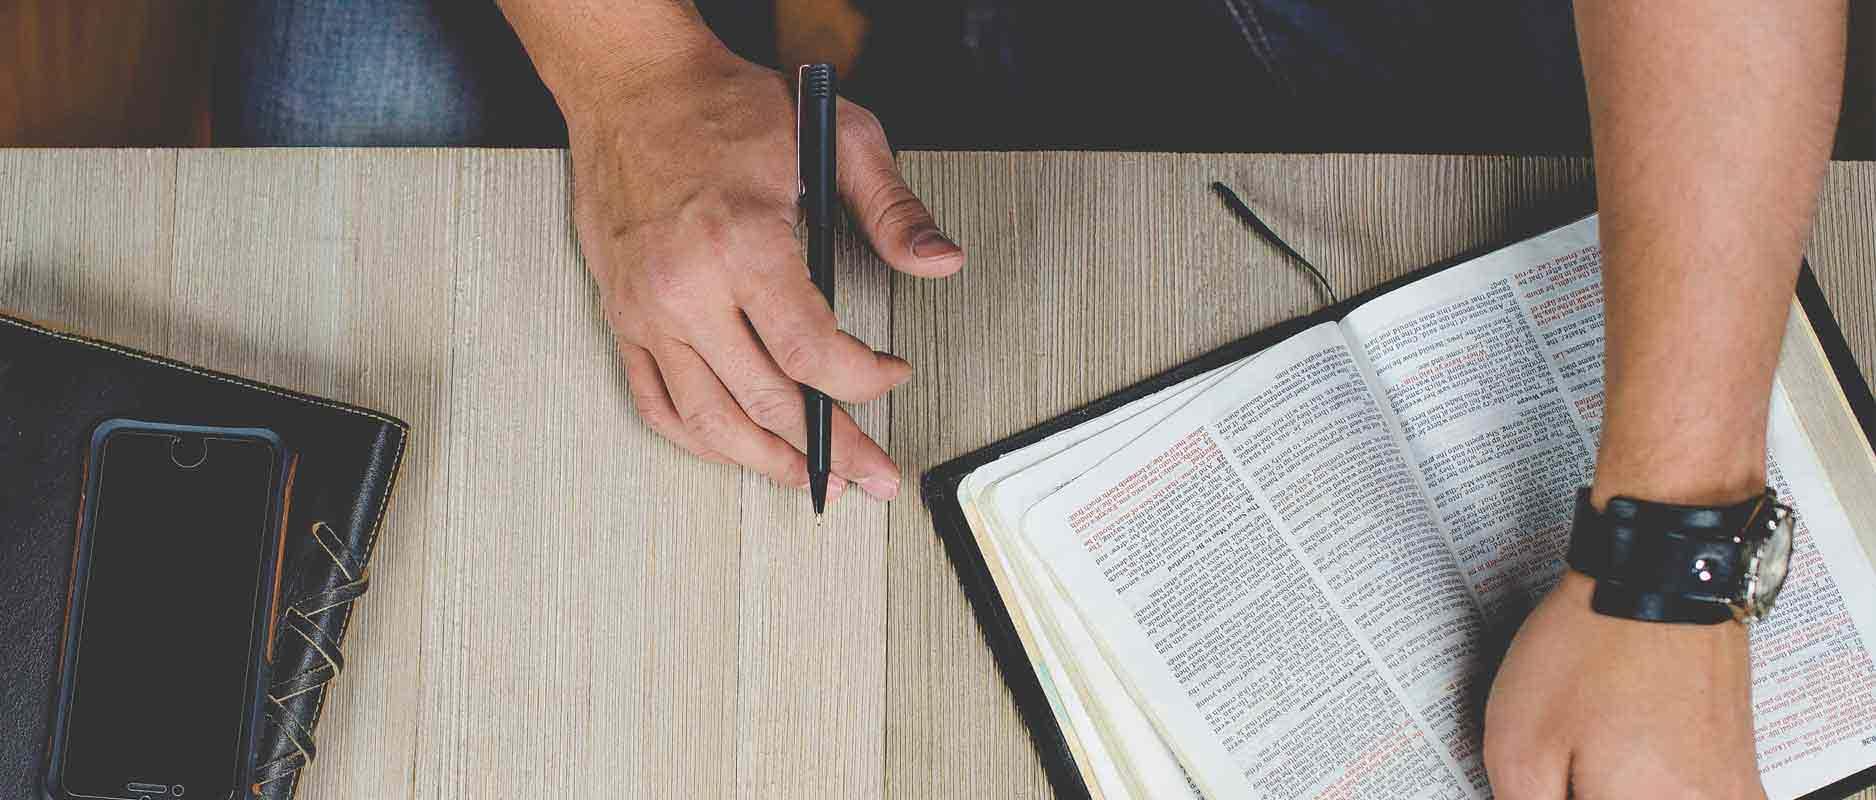 Zorgvuldig Bijbel lezen